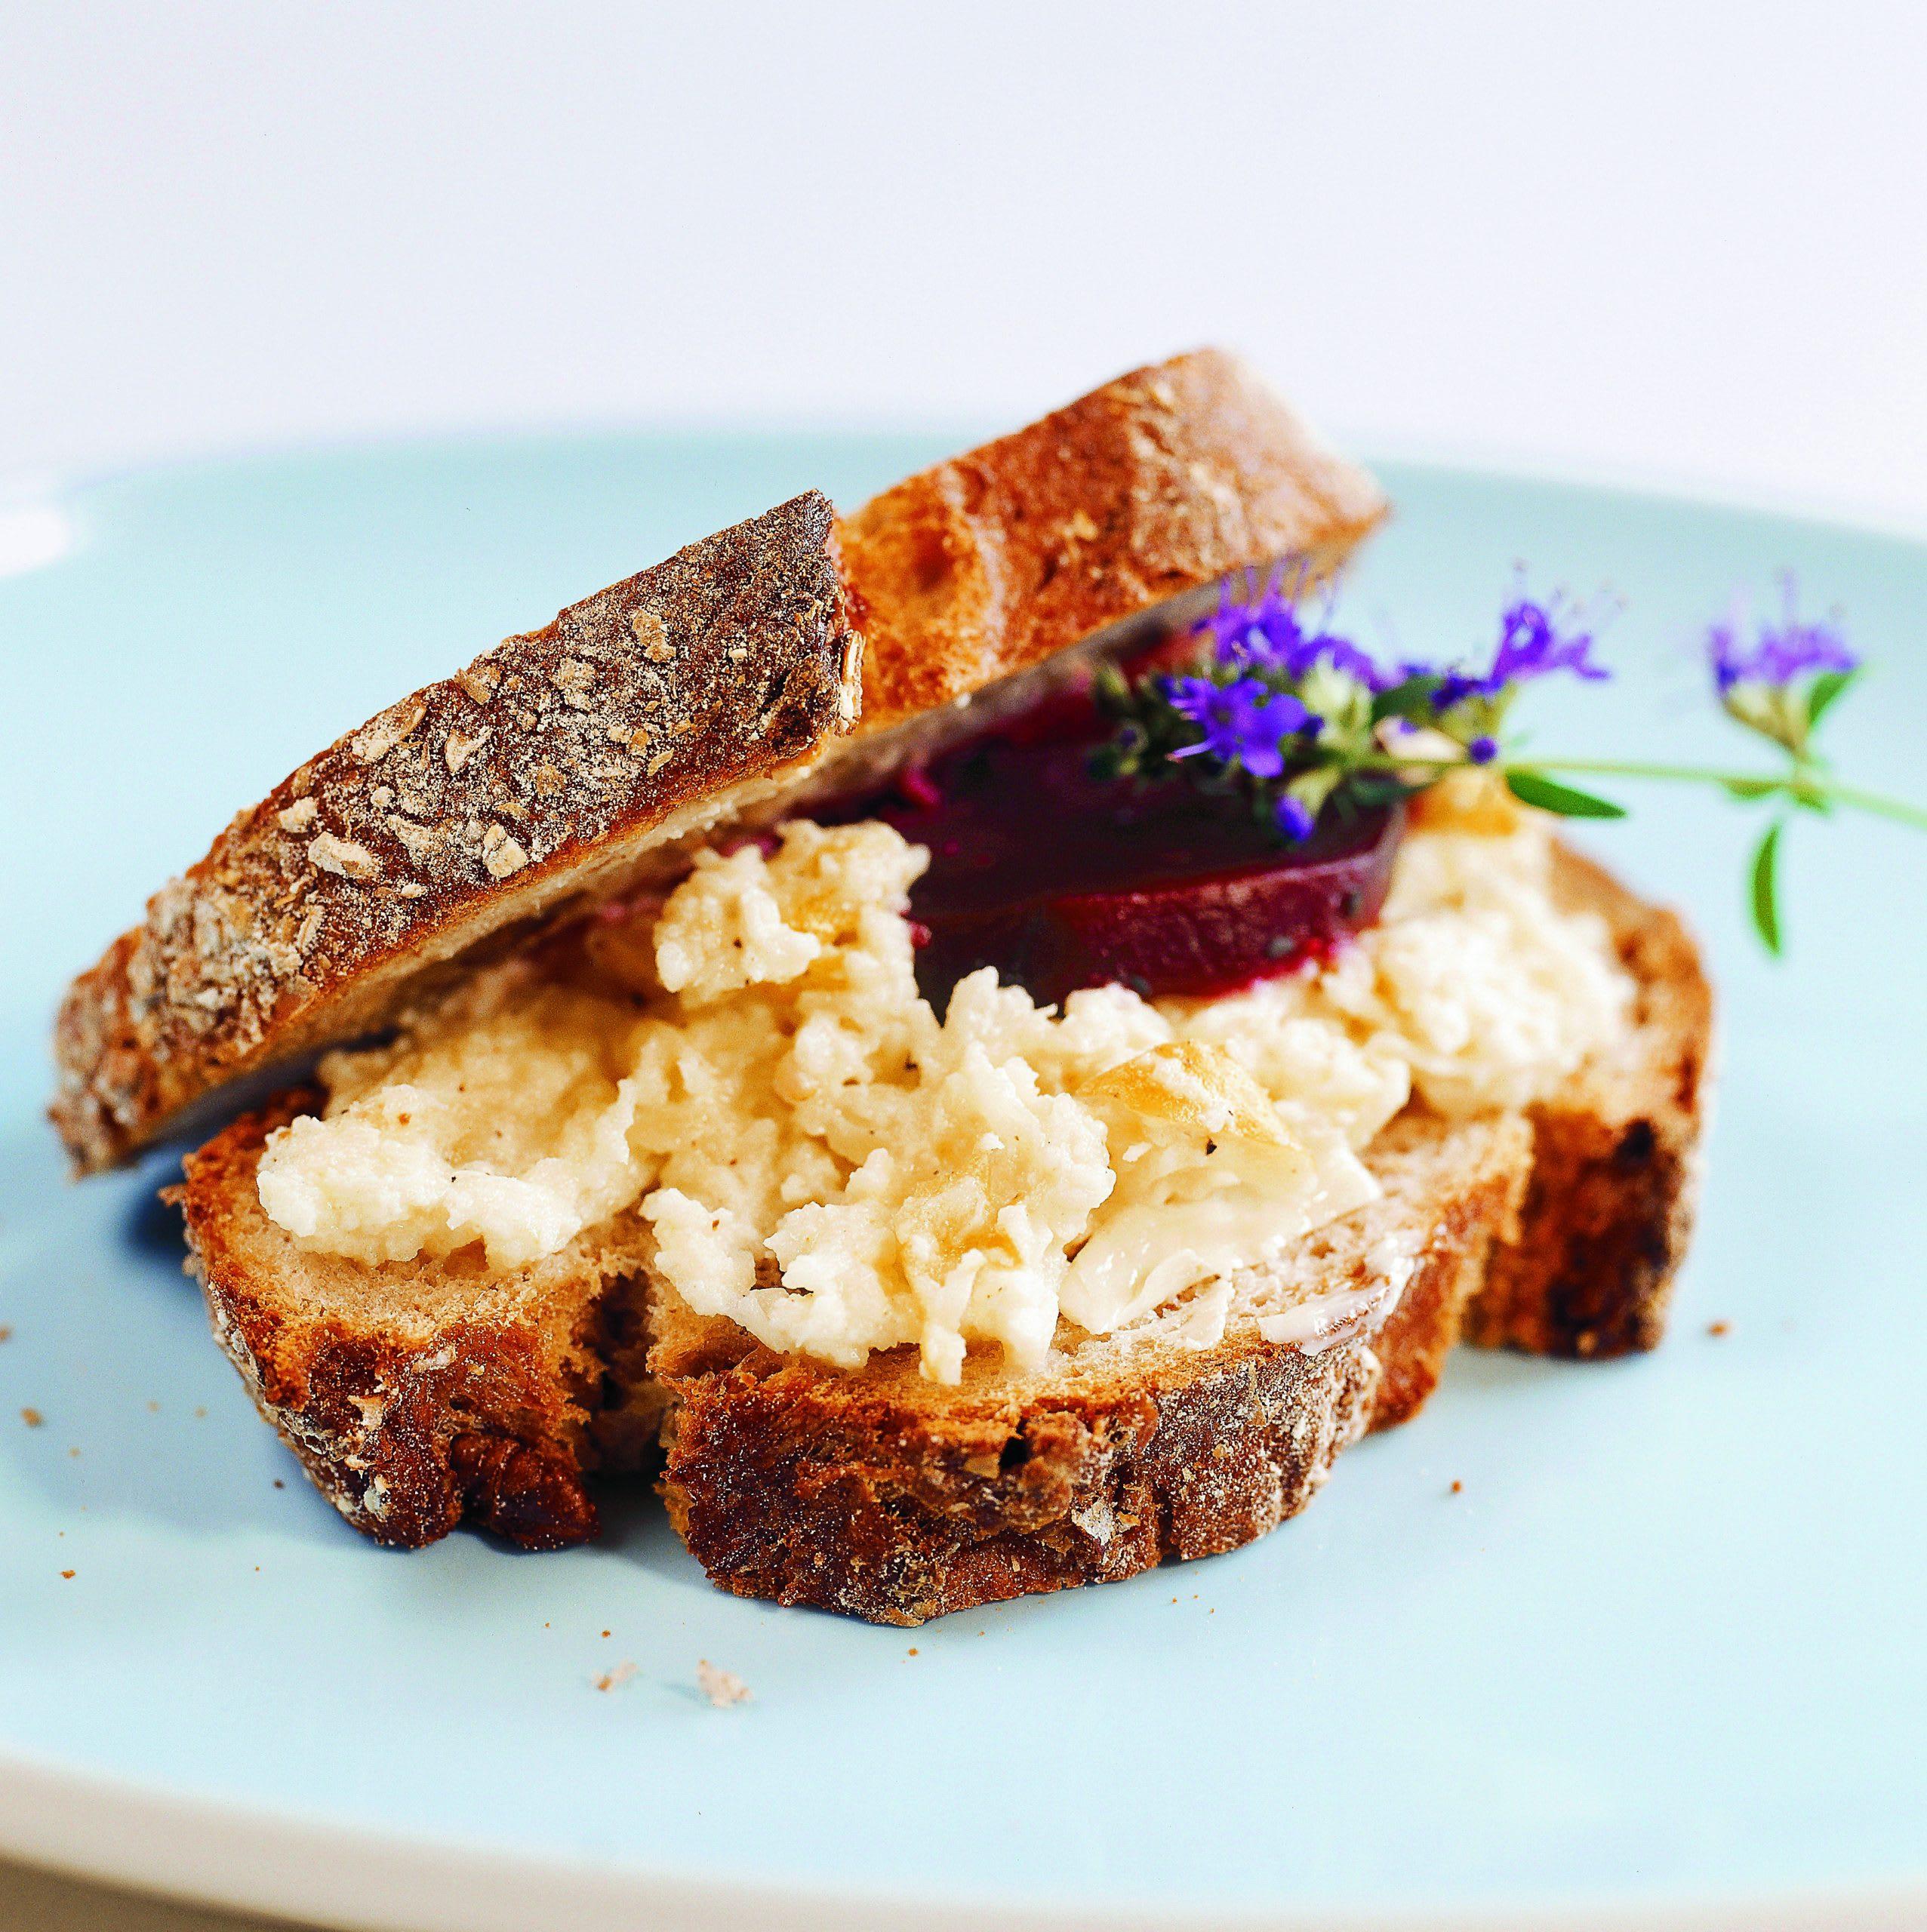 Sandwich au fromage et à la betterave rouge